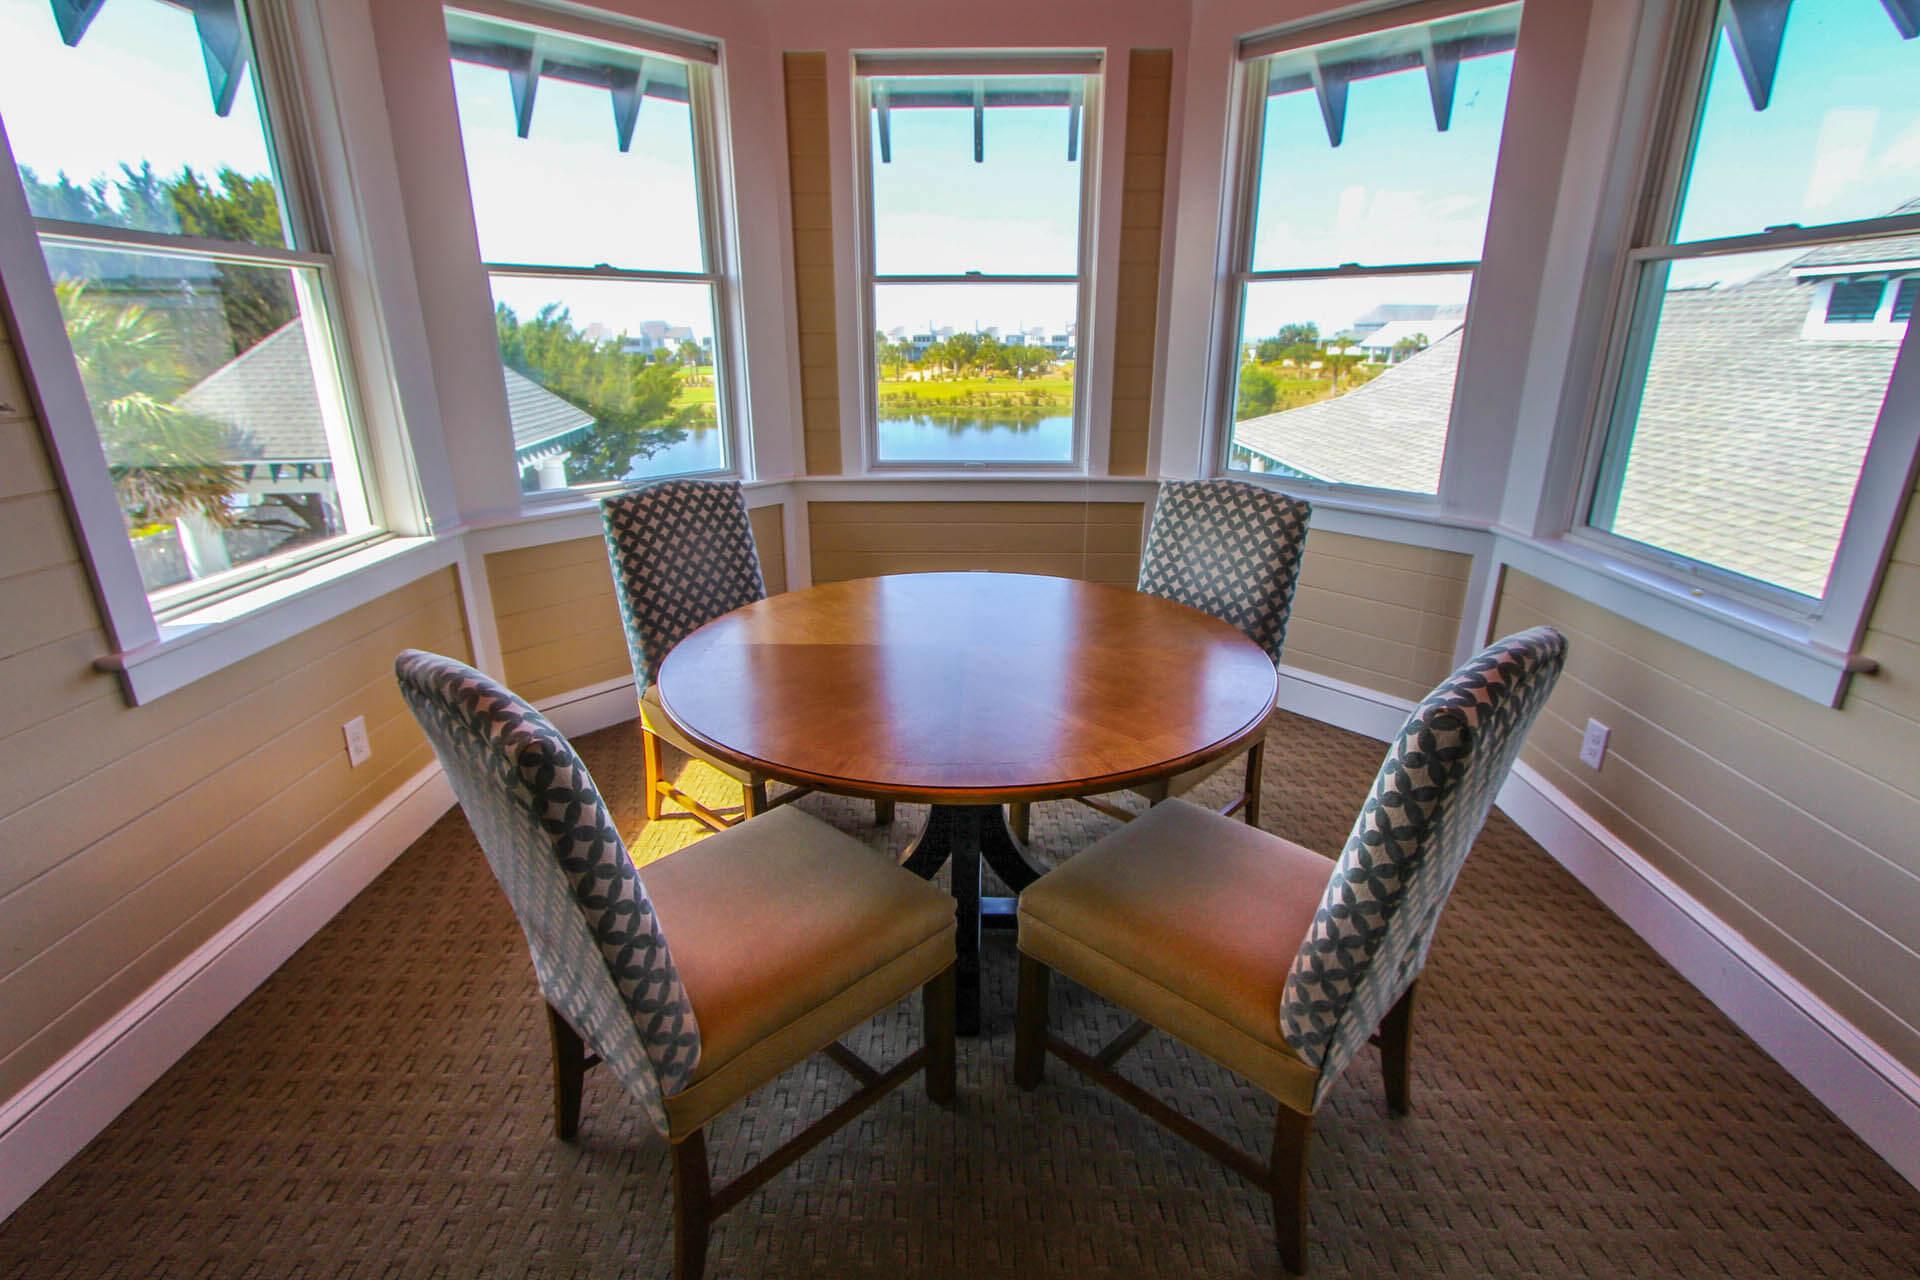 The Hammocks Bald Head Island Dining Room